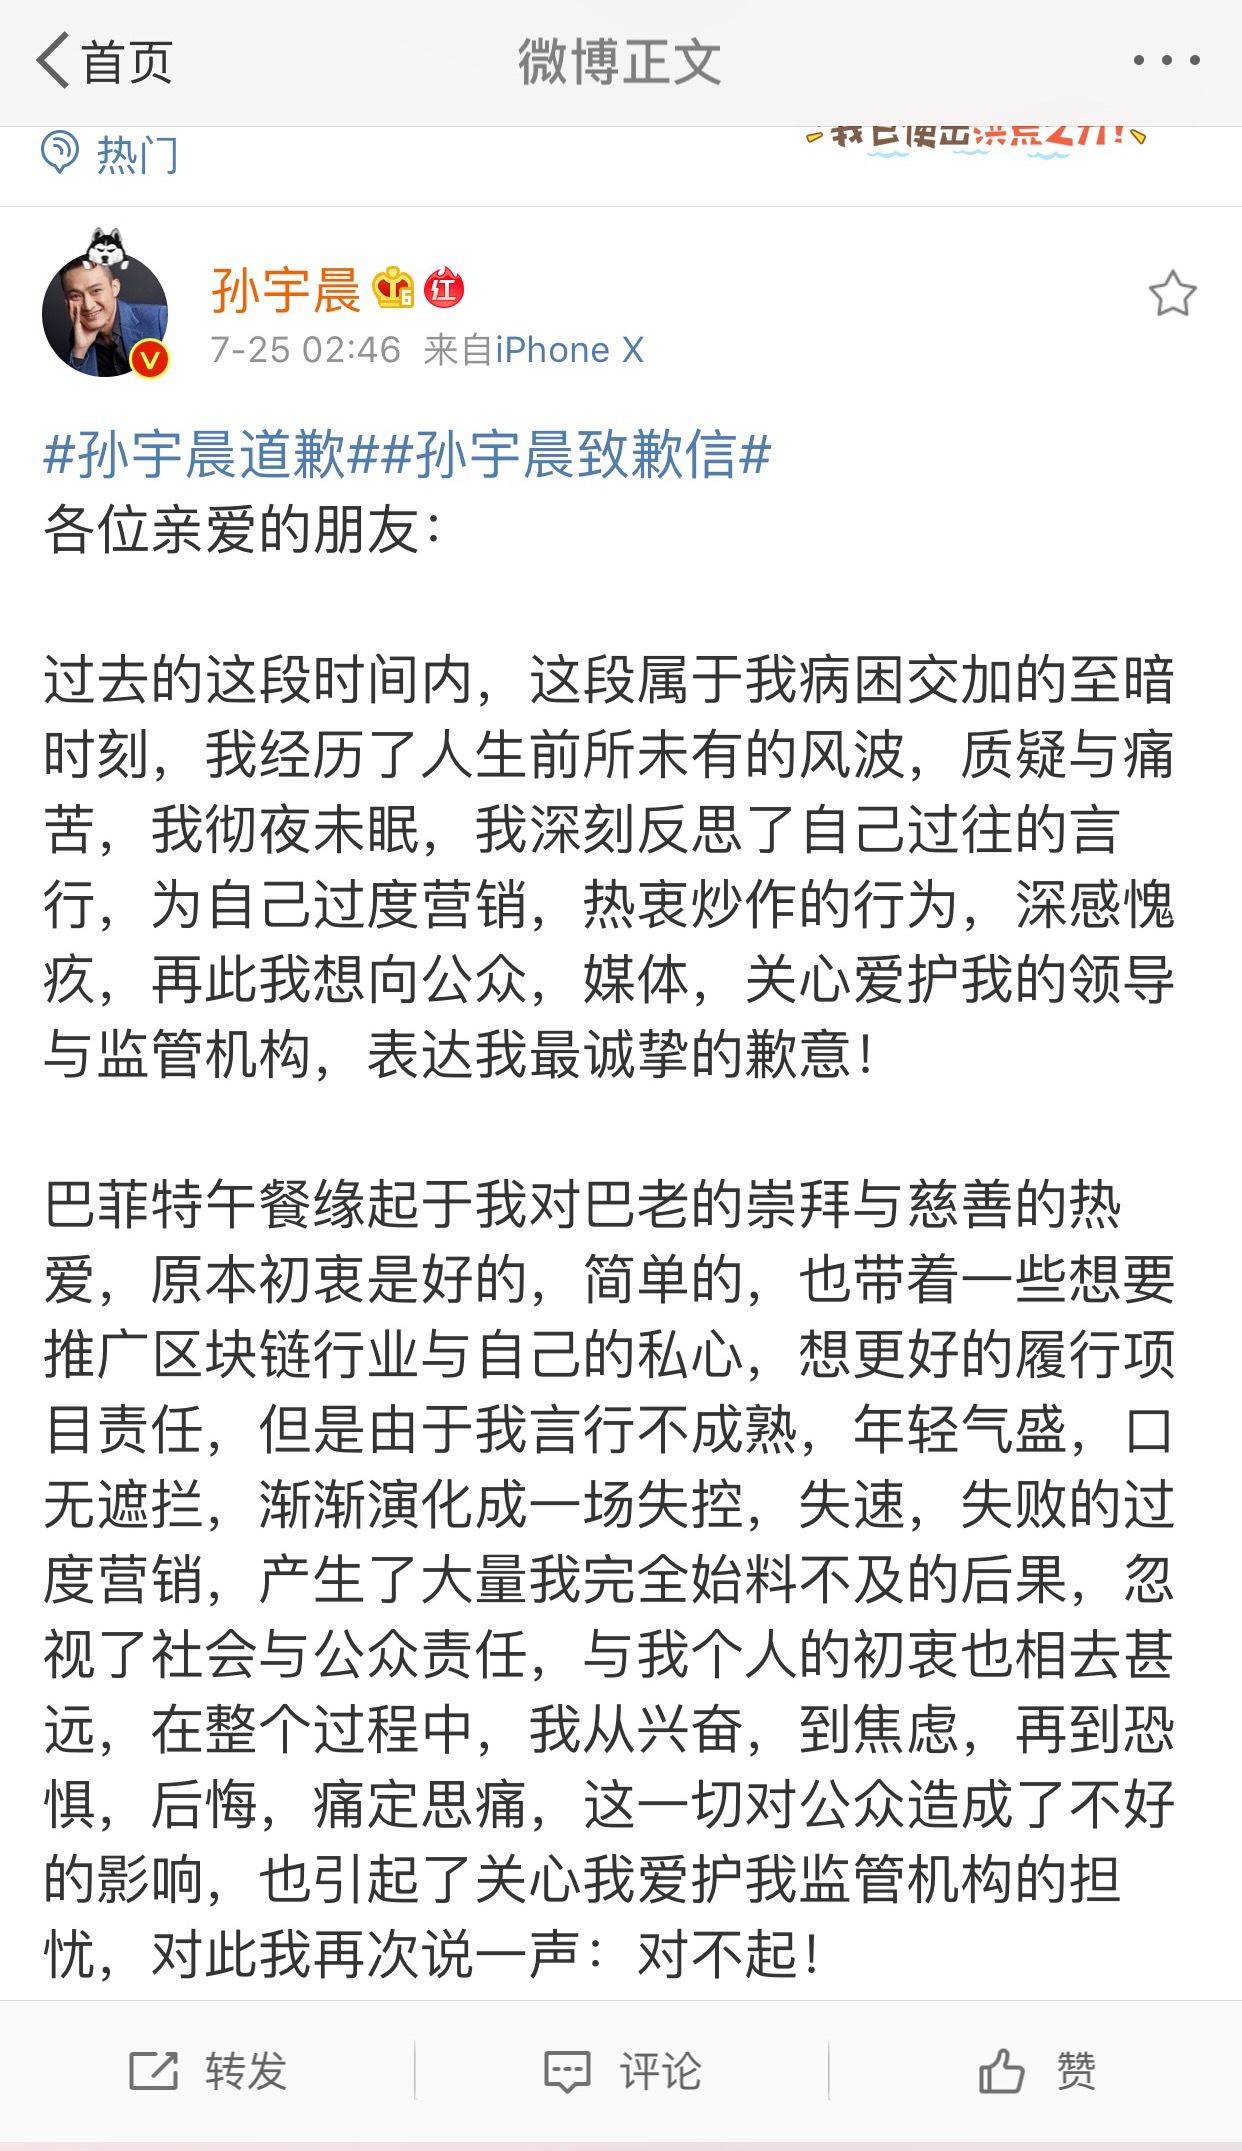 孙宇晨向媒体、监管机构等致歉:为过度营销热衷炒作深感愧疚